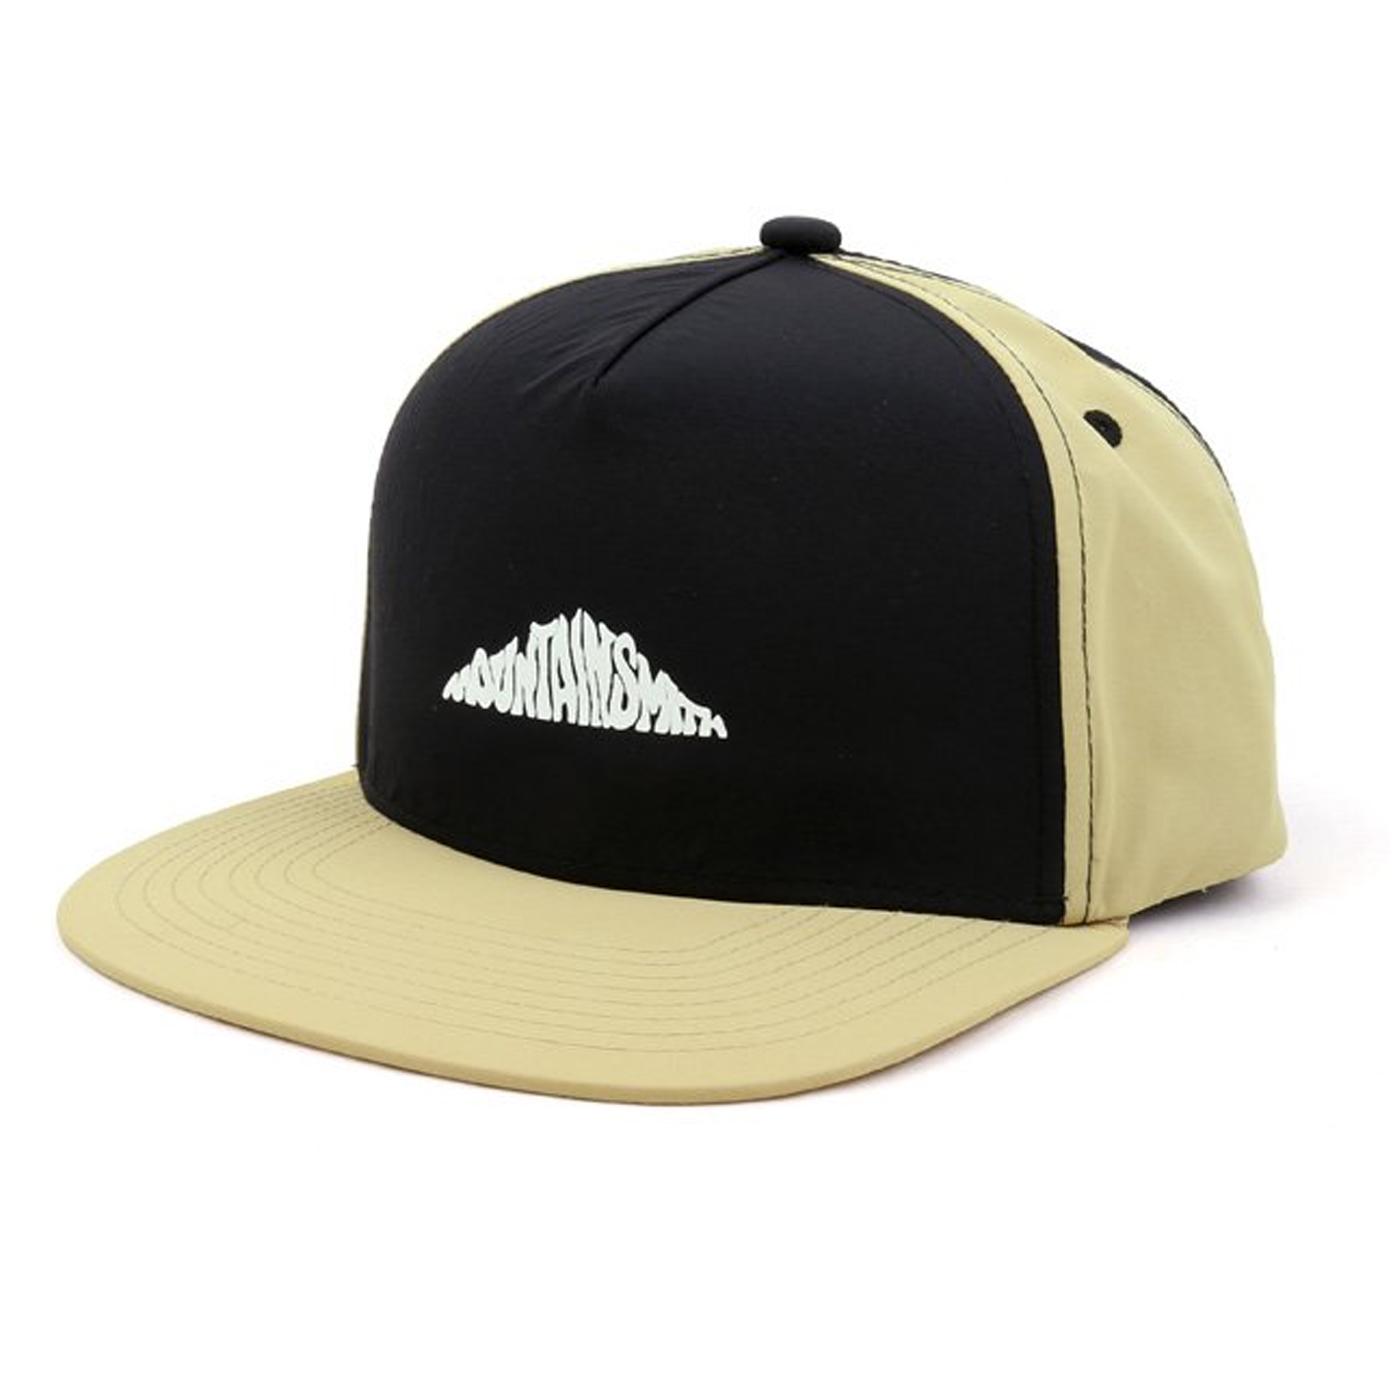 product: MS BOULDER CAP / color: BEIGE 1